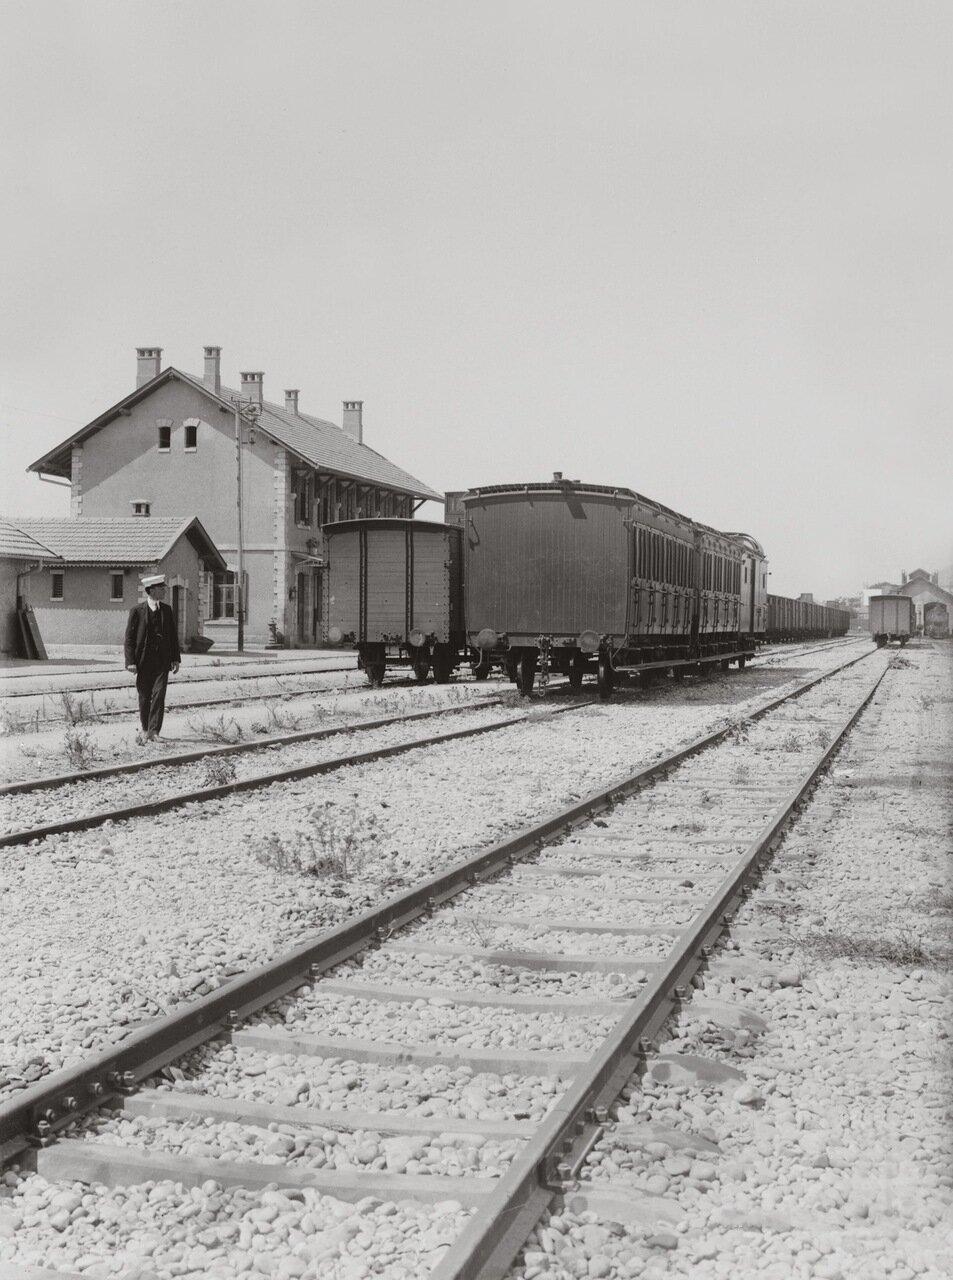 Хиджазская железная дорога. Станция Триполи, Ливан. 1900-1920 гг.